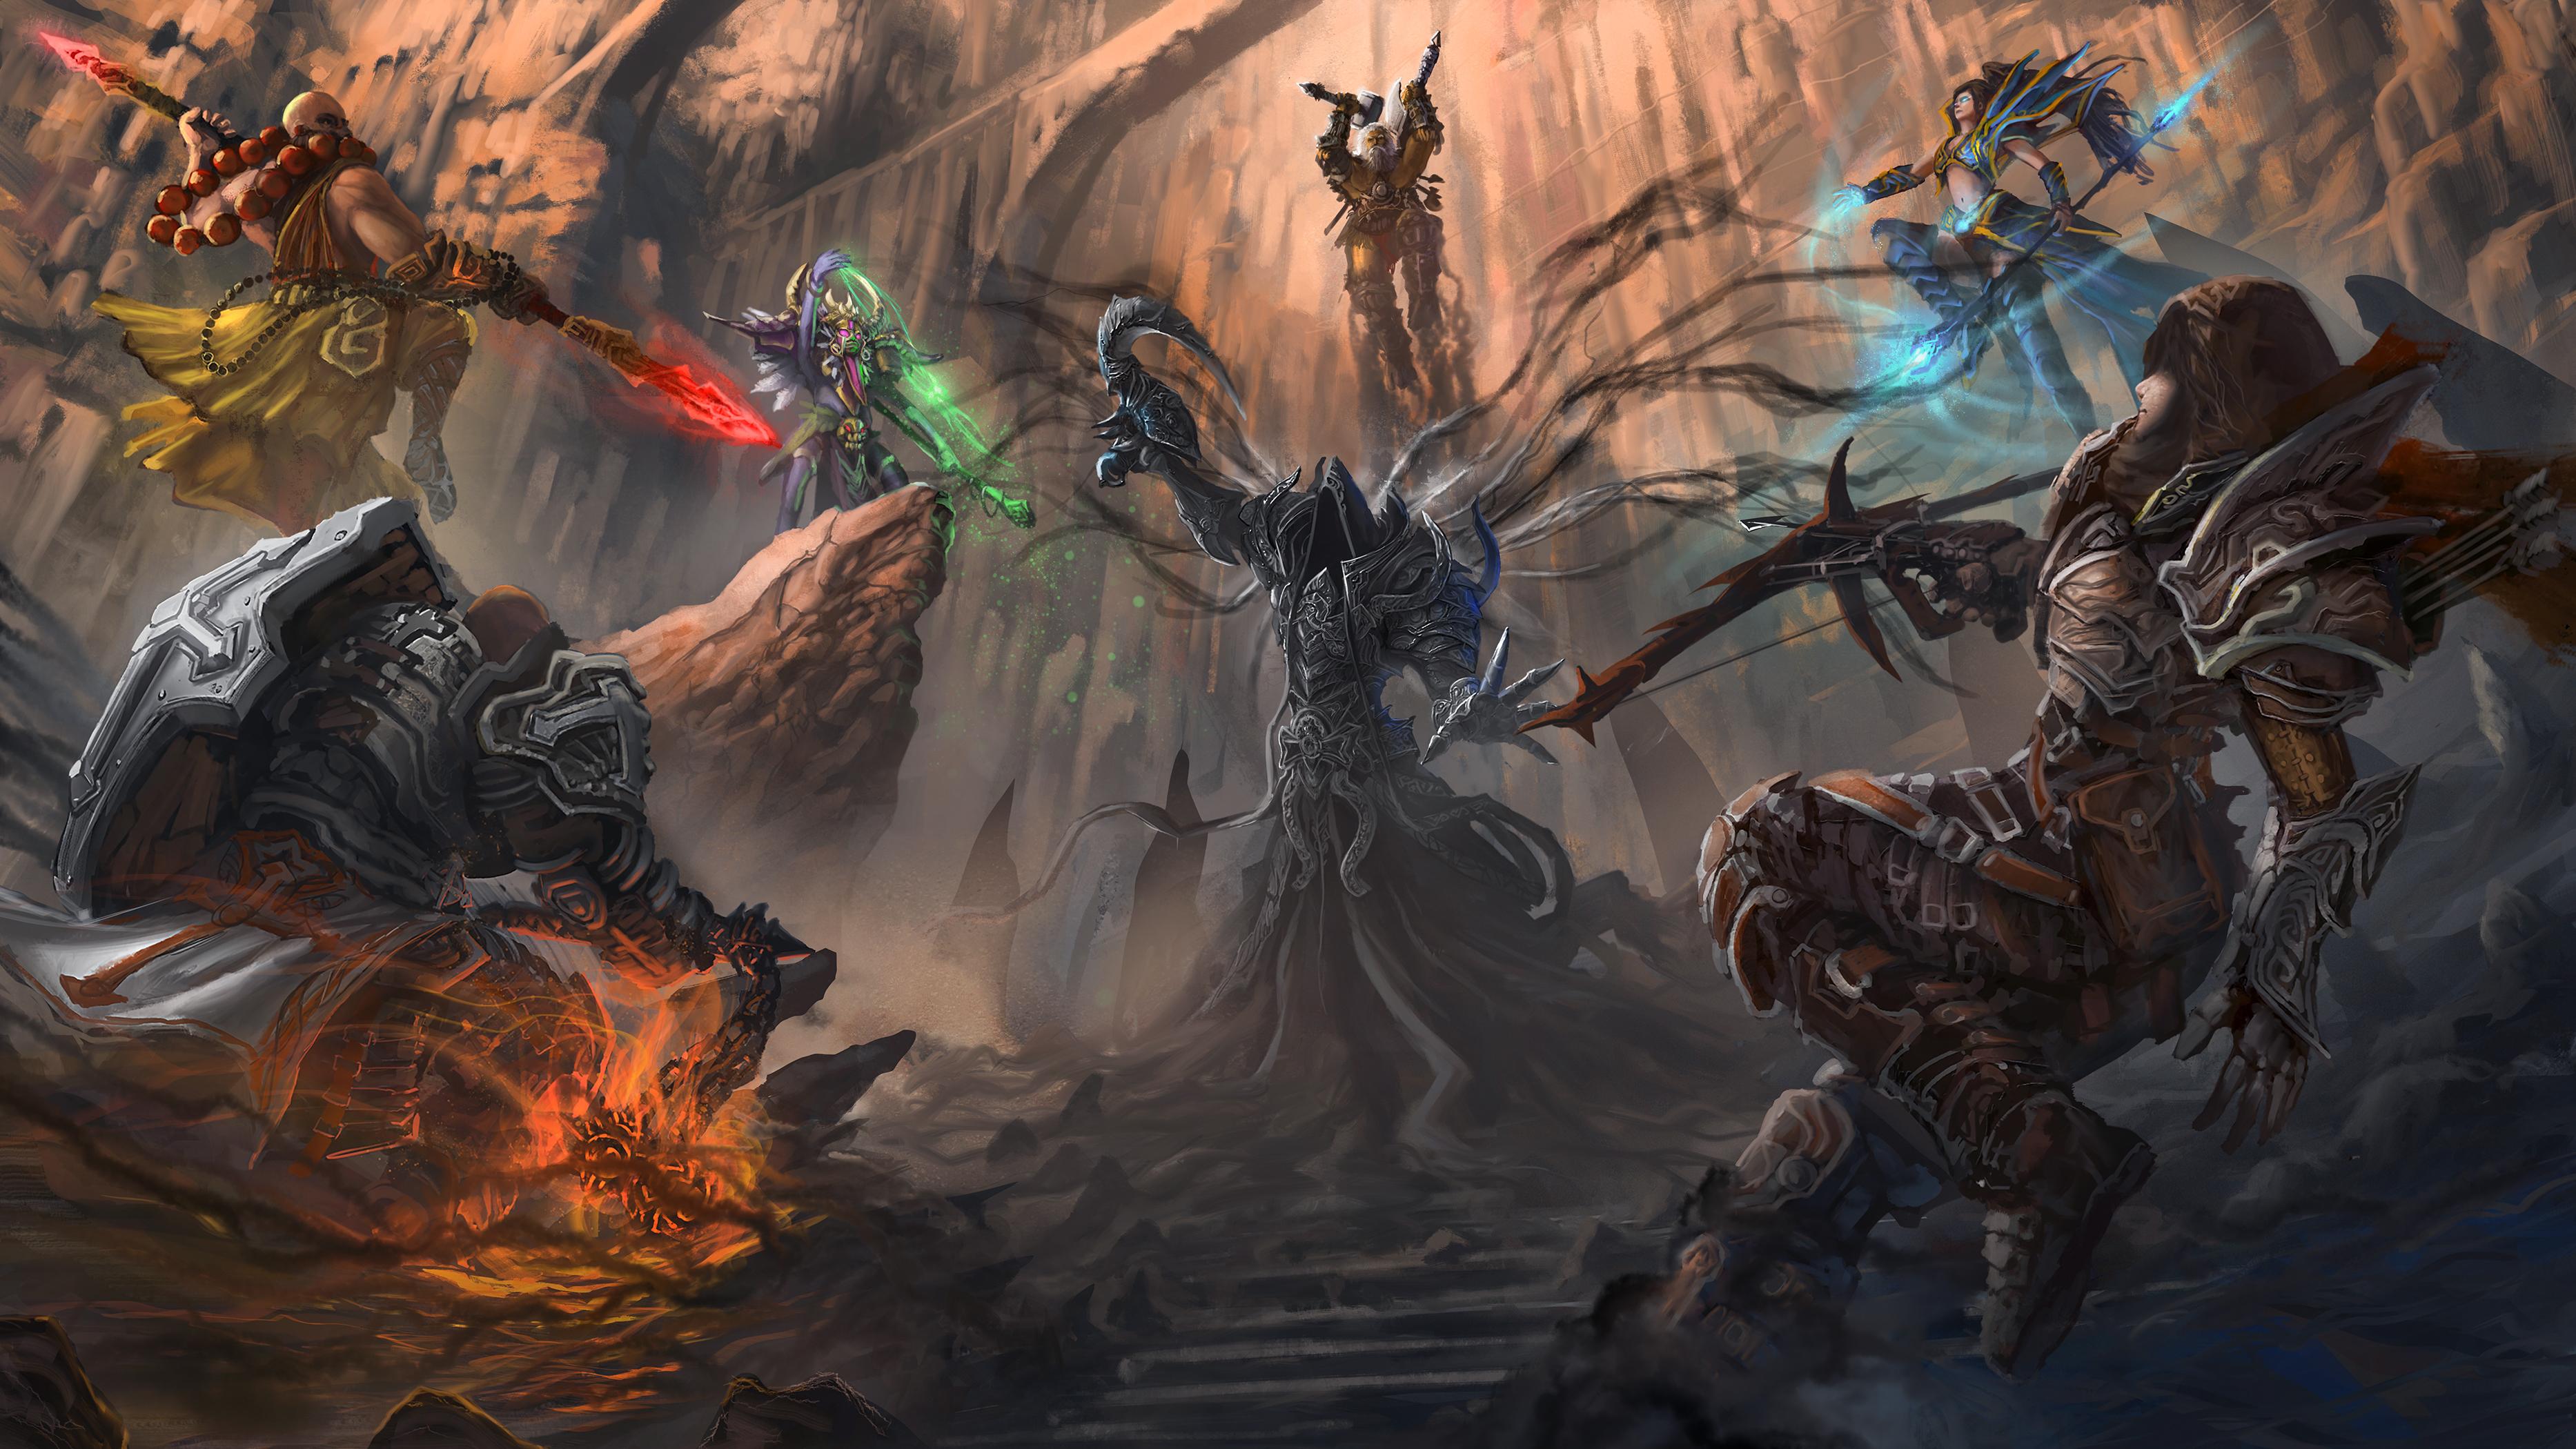 Diablo 3 ReaperOfSouls fanart - All Against Death